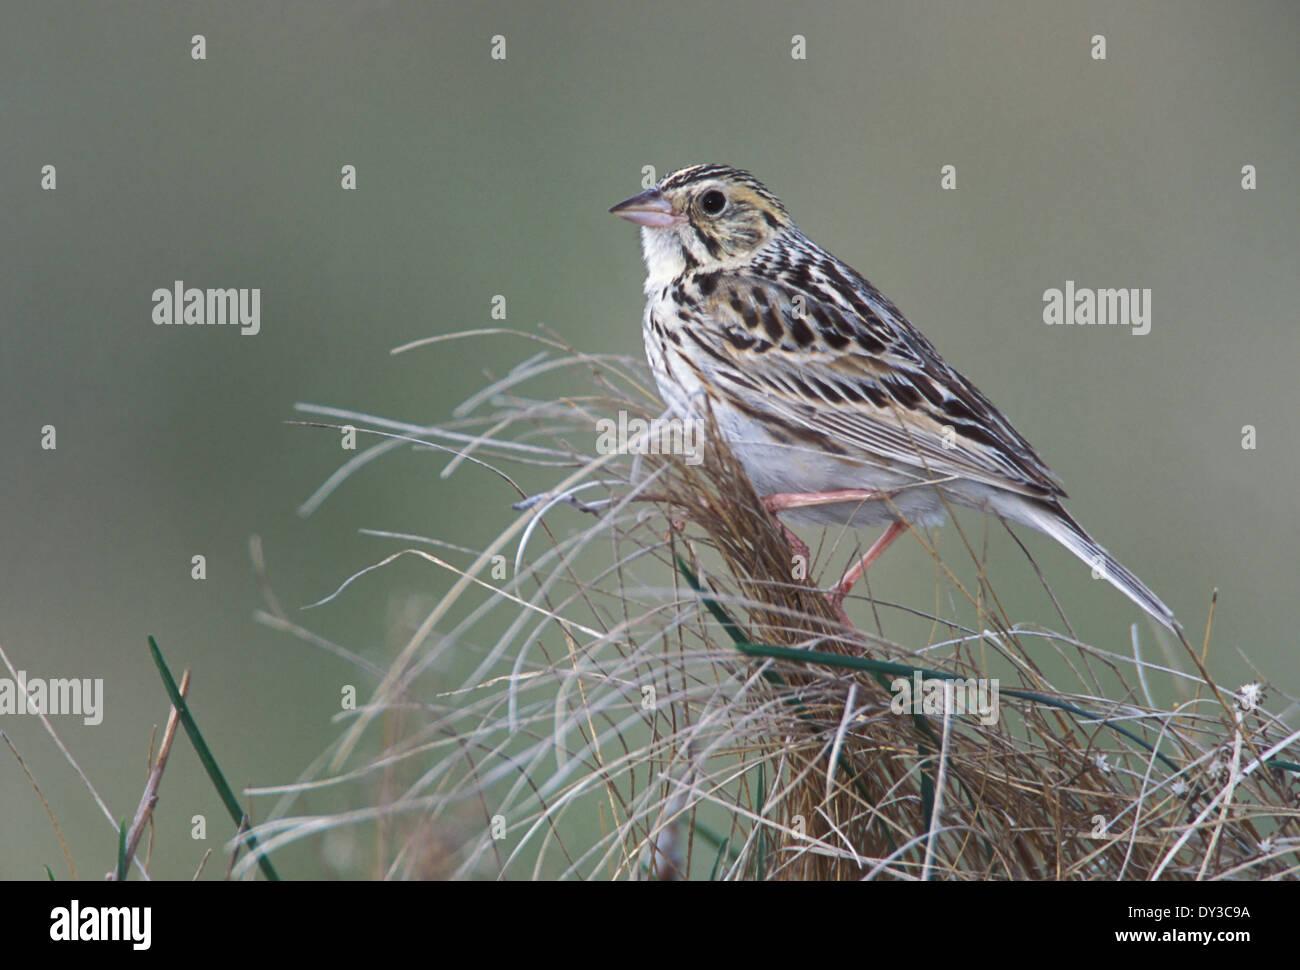 Baird's Sparrow - Ammodramus bairdii - Stock Image